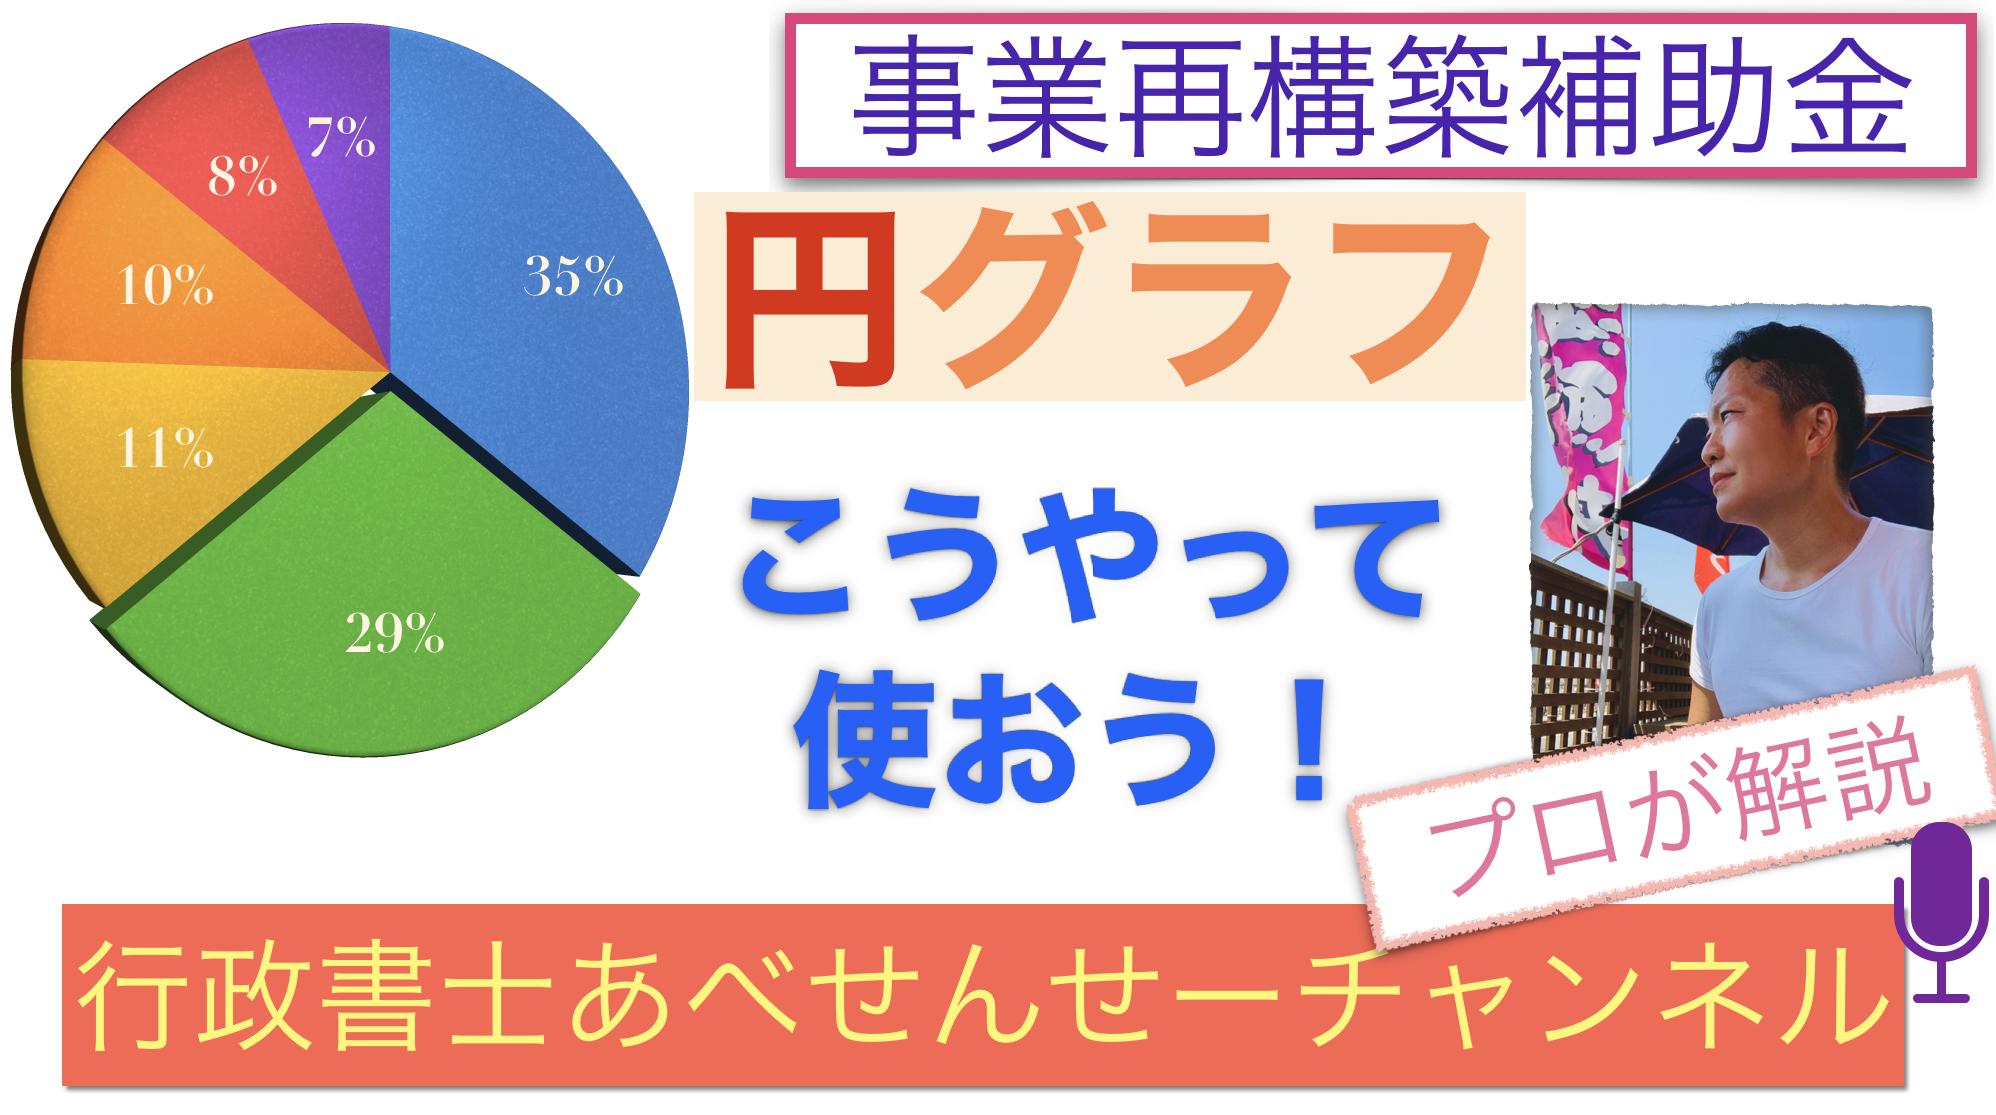 【動画で解説】グラフ活用で補助金申請書を格段に分かりやすく!|行政書士阿部総合事務所